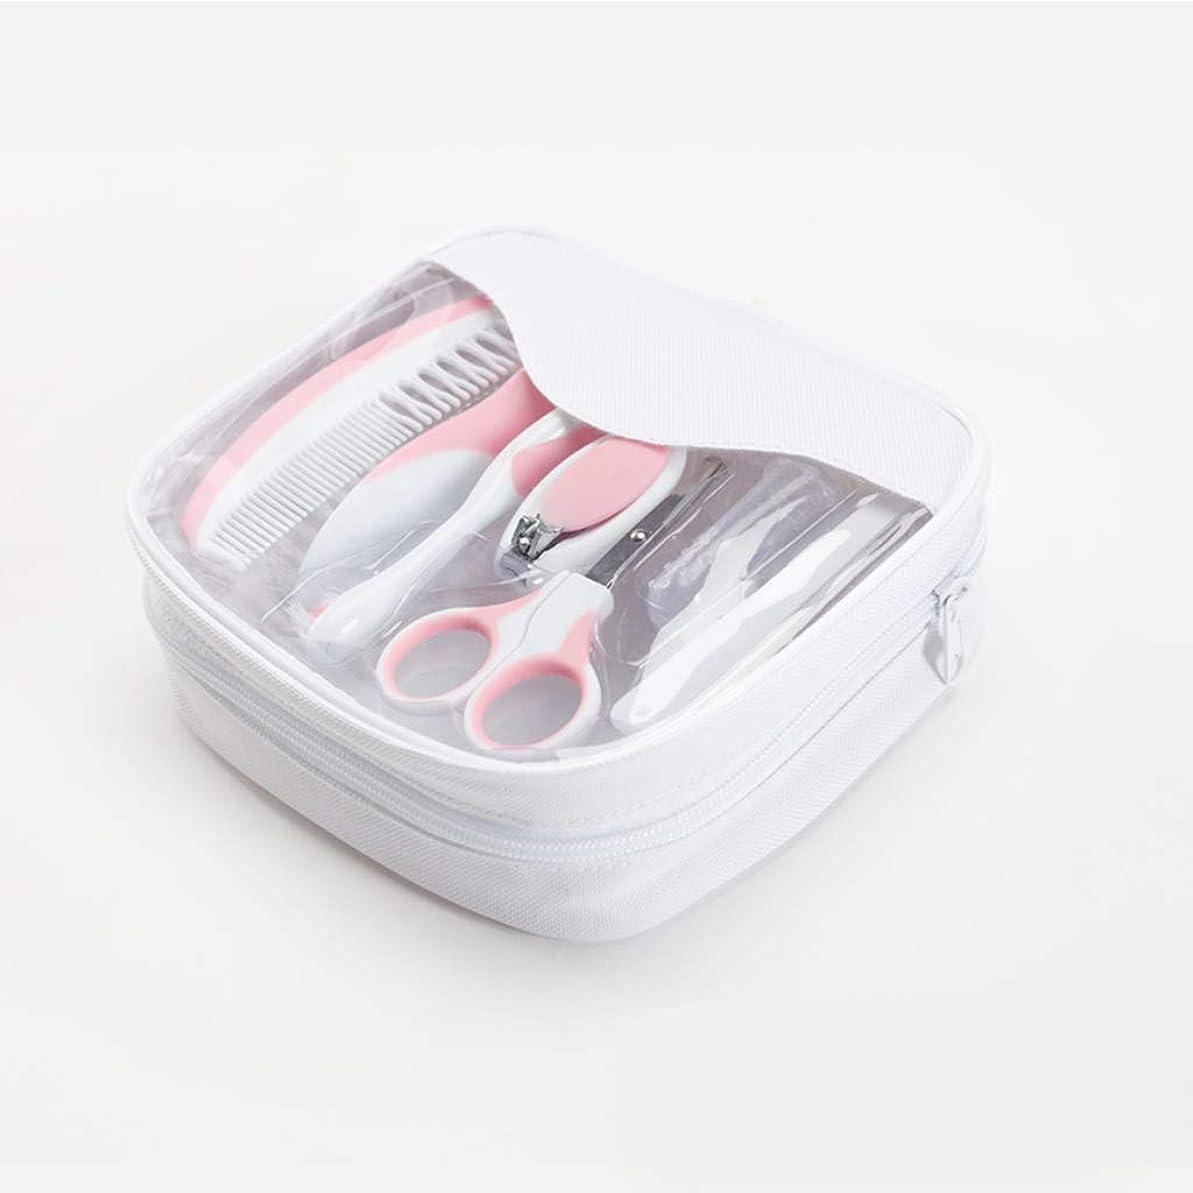 チューブハンカチ冷えるベビーネイルクリッパーセット、7ポータブルベビー製品ネイルケア子供ネイルハサミ安全はさみのセット,Pink